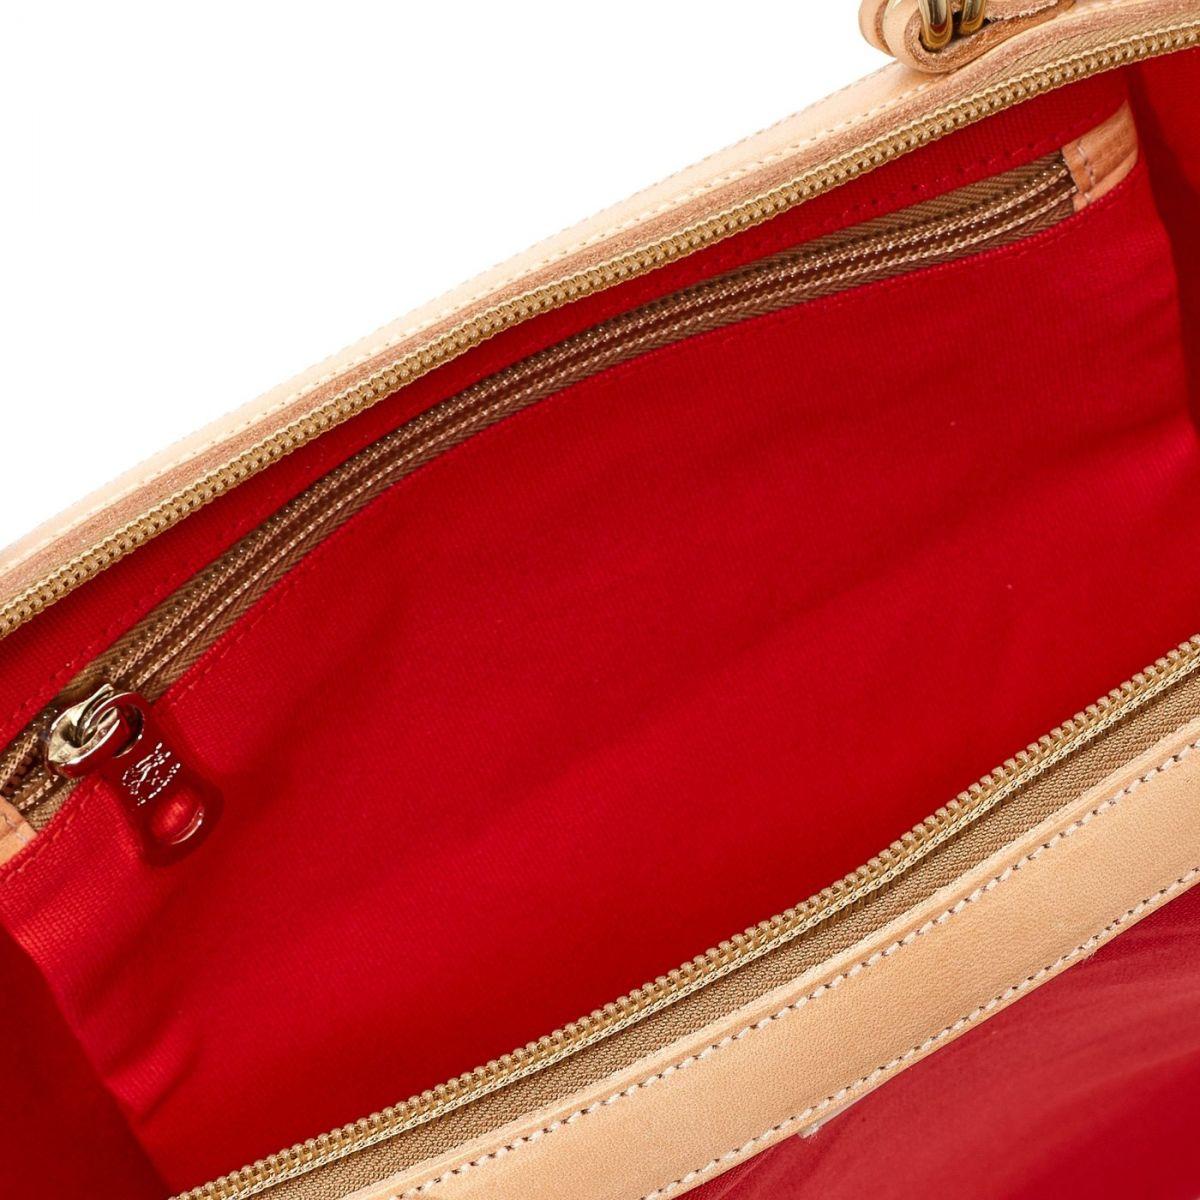 Caramella  - Women's Shoulder Bag  in Cotton Canvas BSH119 color Red/Natural | Details